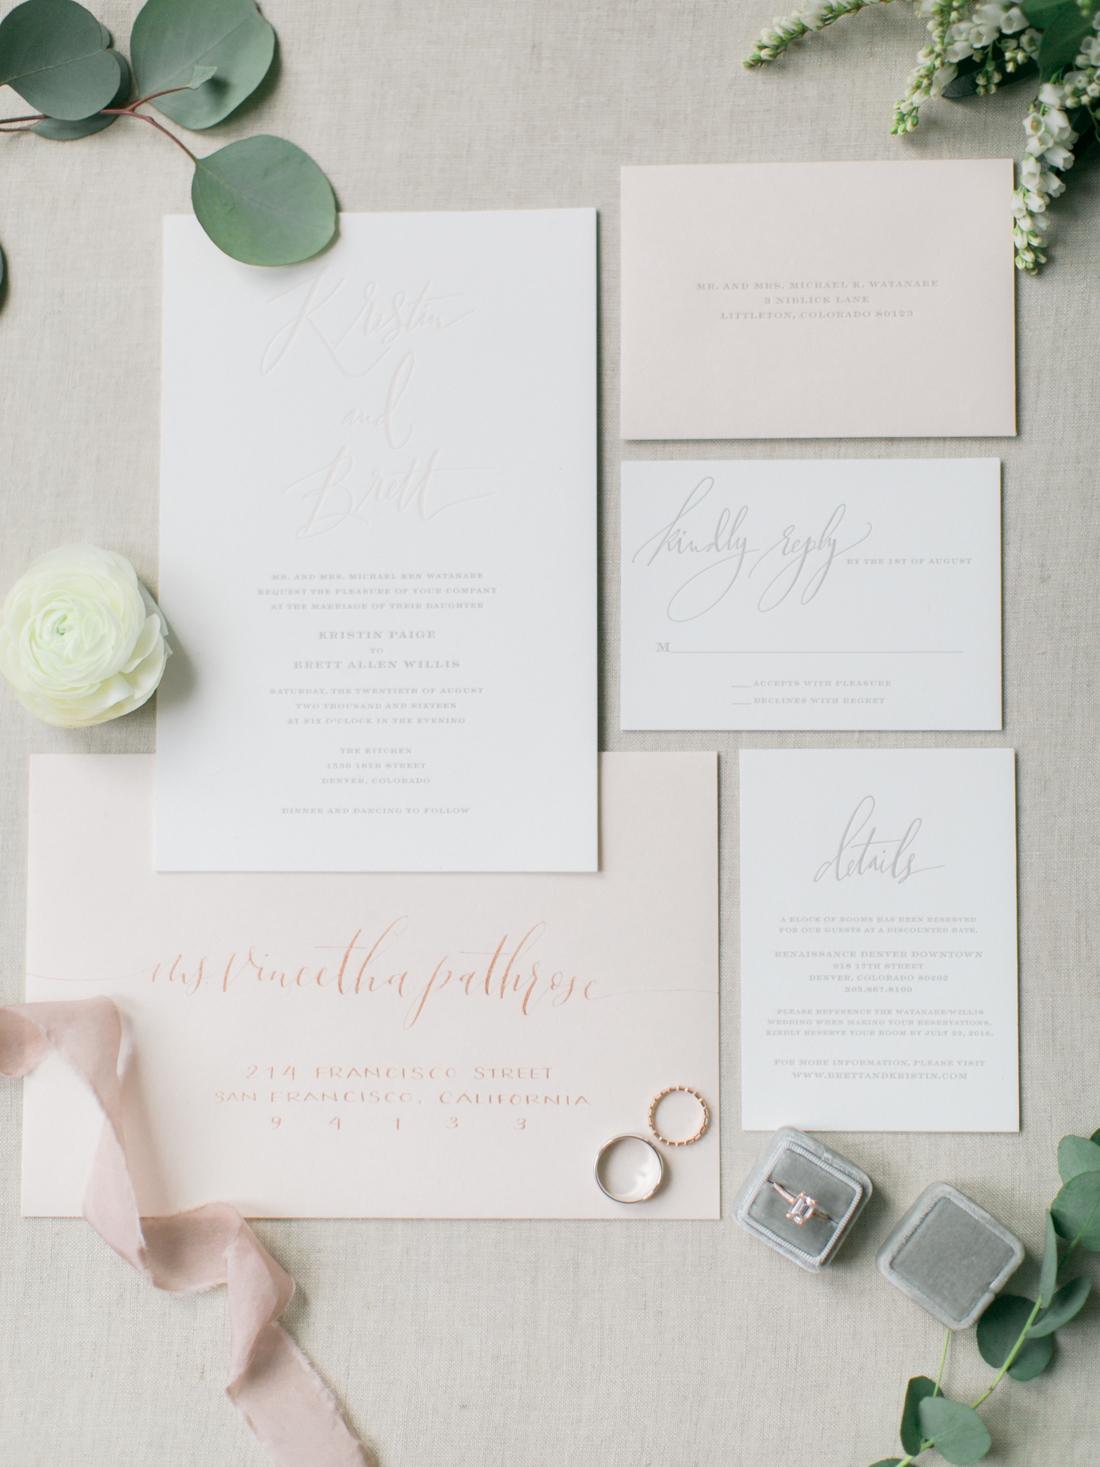 Kristin_Brett_TheKitchen_Denver_Wedding_by_Connie_Whitlock_web_001.jpg